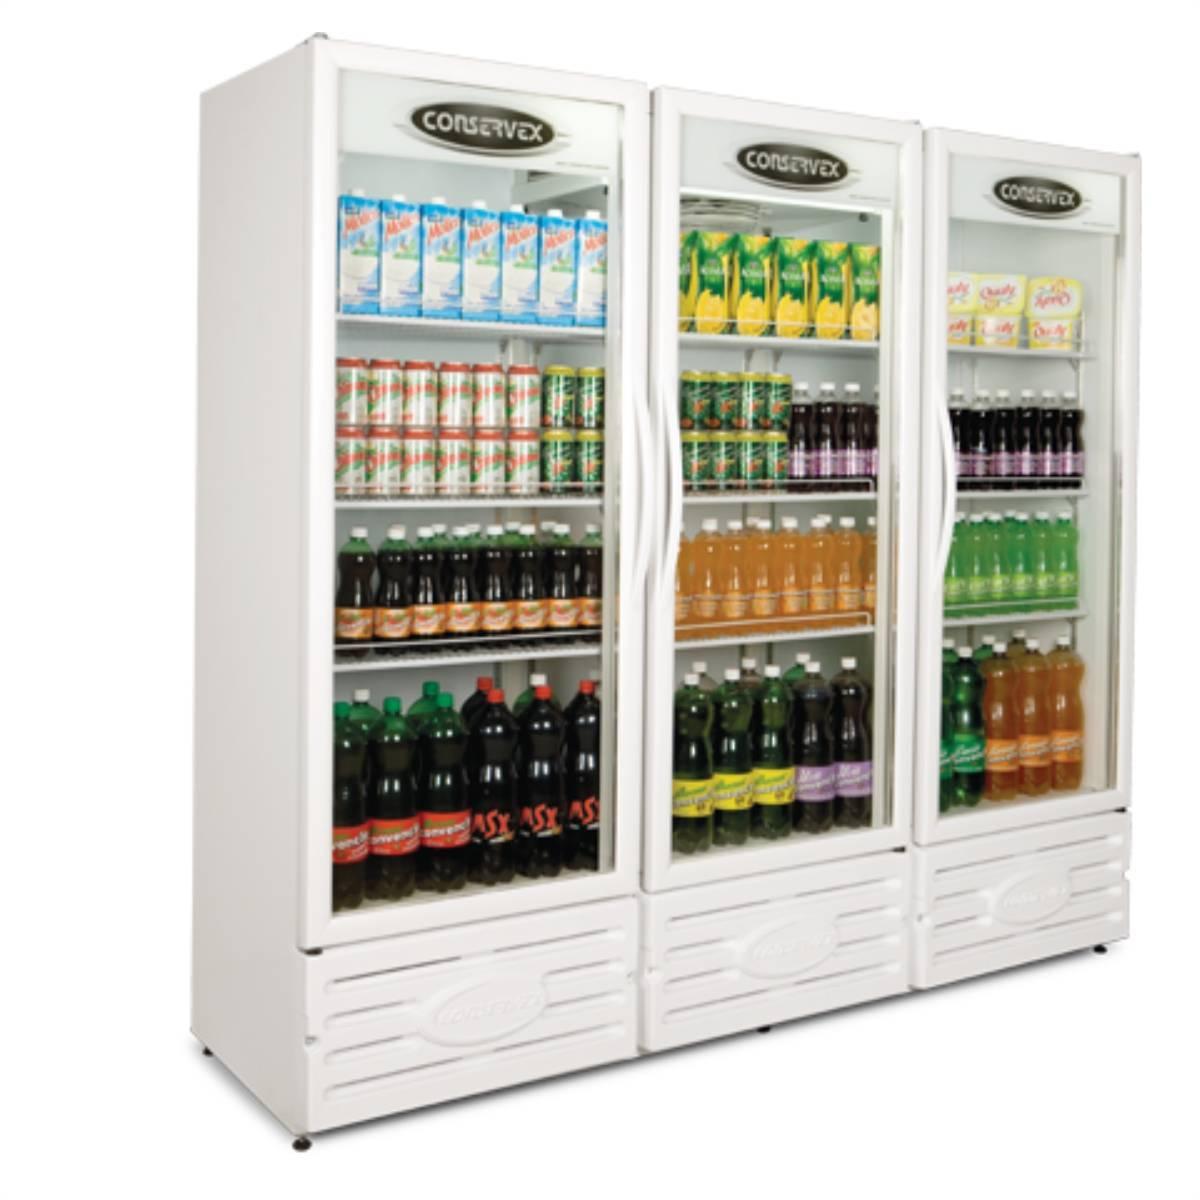 Expositor Refrigerado Vertical 3 Portas ERV-1300 Conservex  - Magazine do Chef